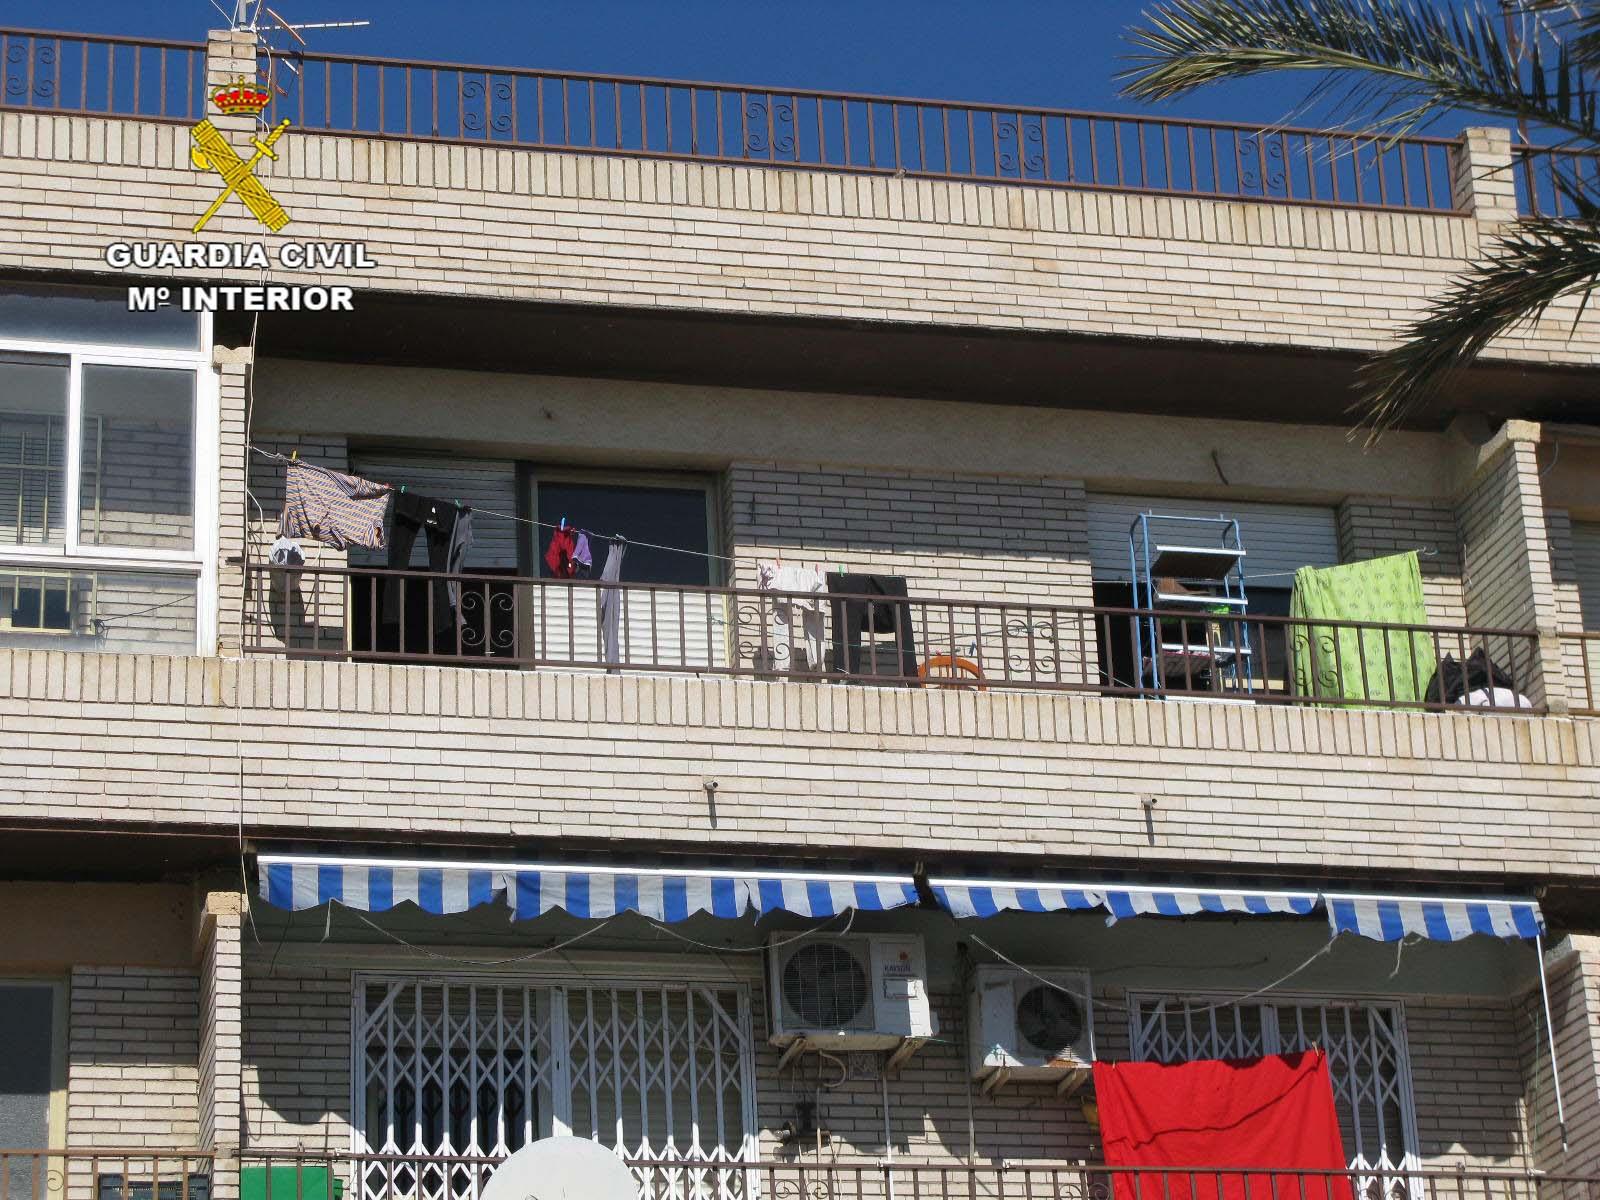 Dos guardias civiles rescatan a una persona en un incendio ocurrido en un bloque de viviendas de Almería